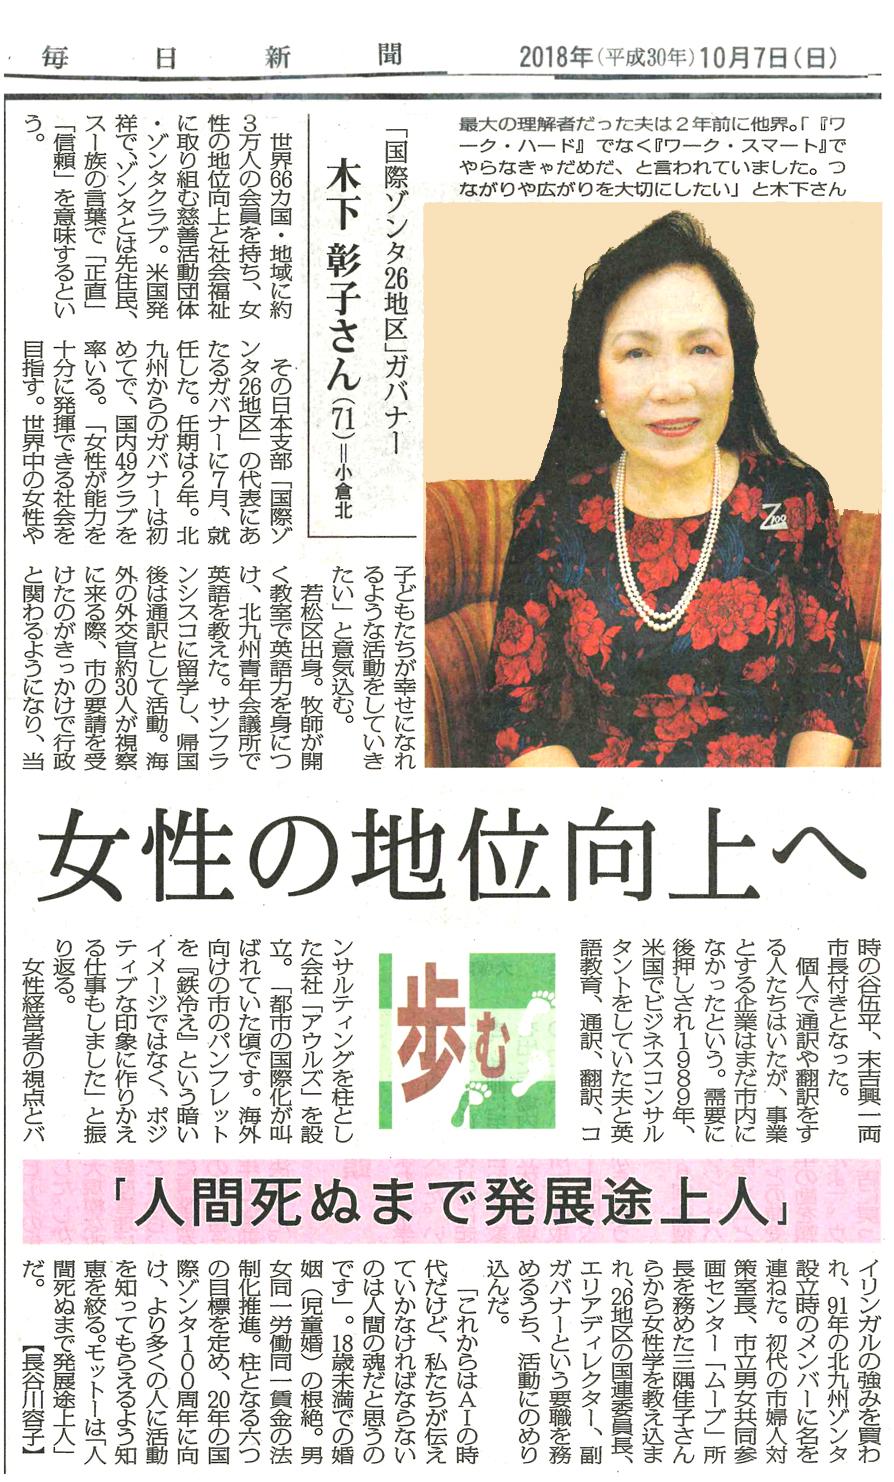 女性の地位向上へ 国際ゾンタ 新聞記事